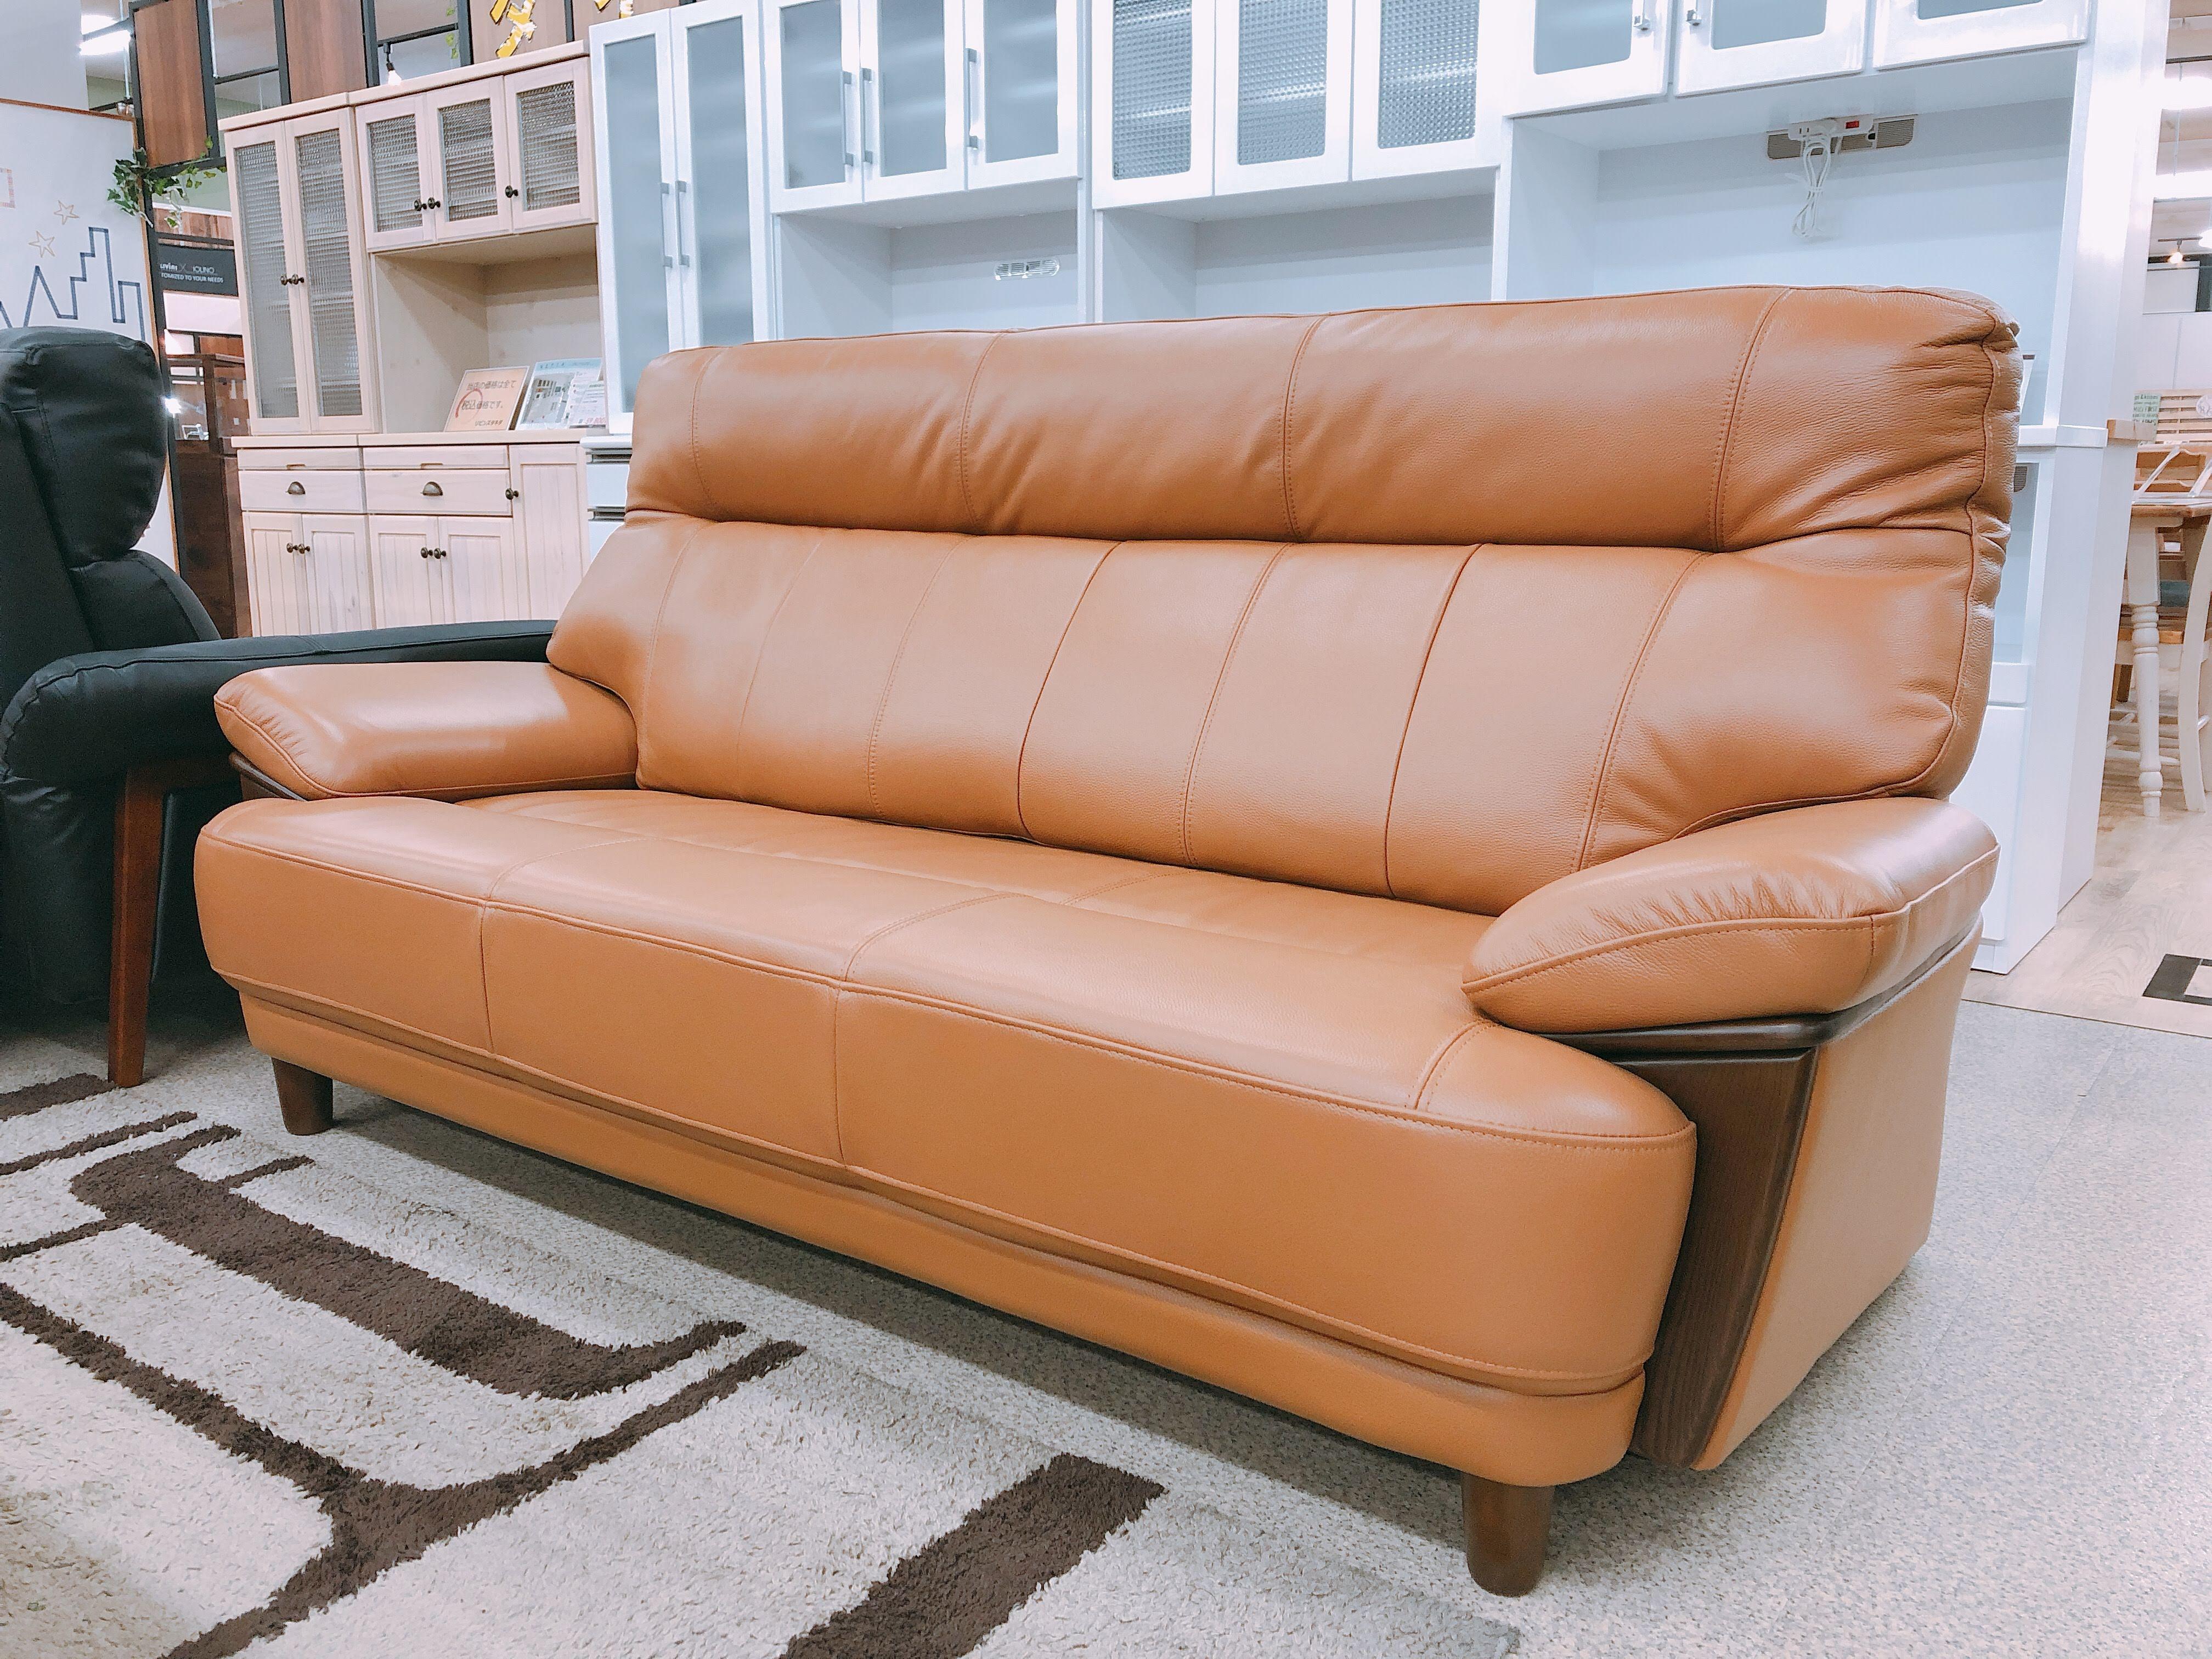 革質のよいボリュームありの3人掛けソファ メーカーモデルチェンジのための画像1